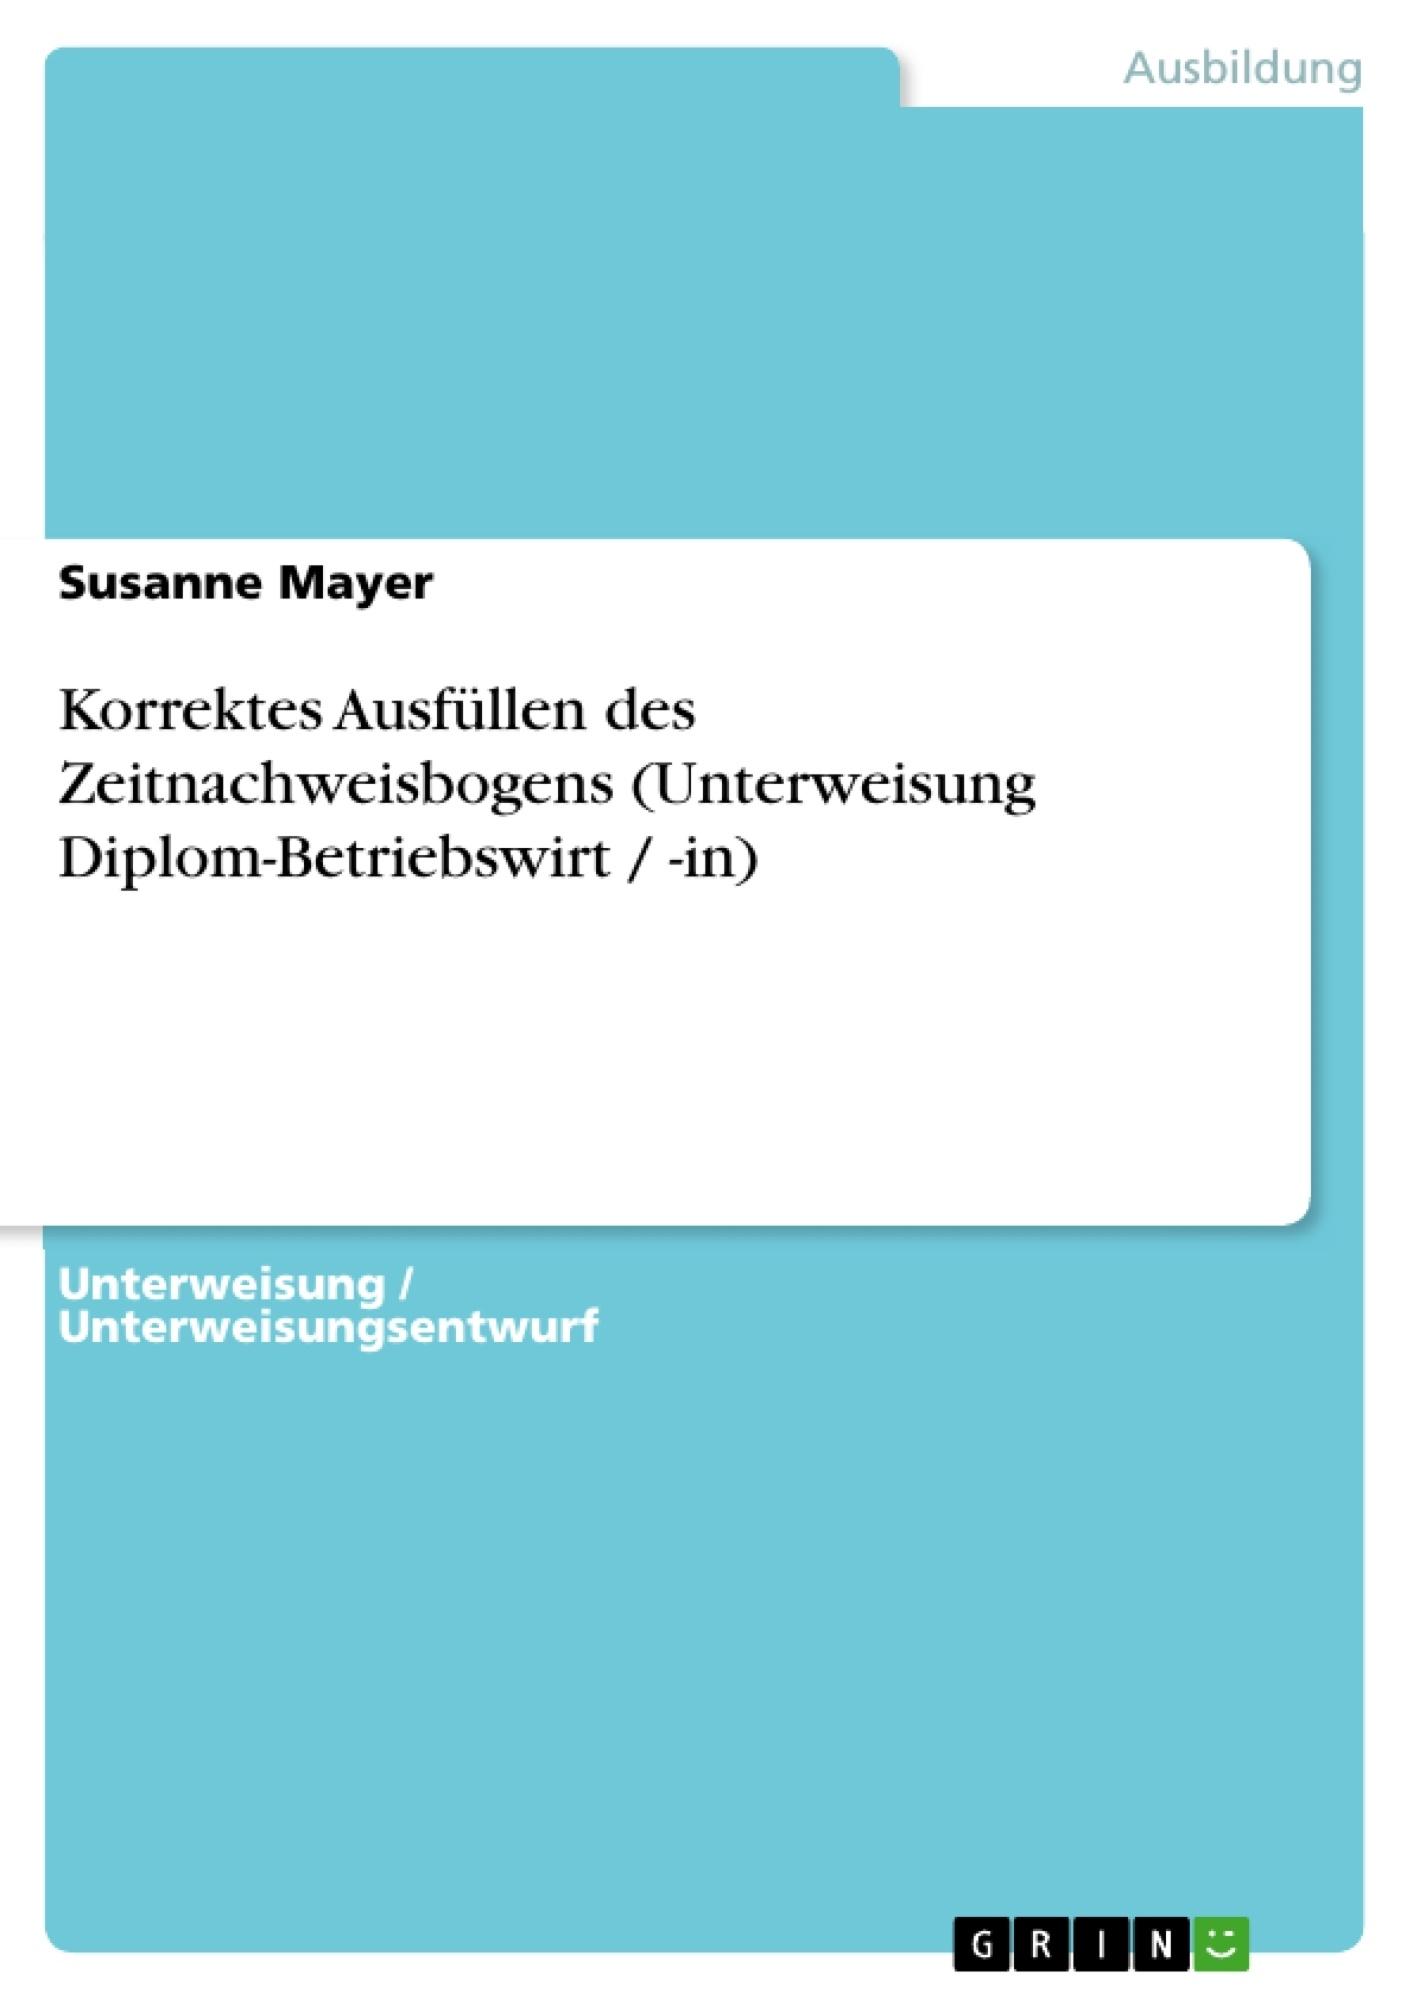 Titel: Korrektes Ausfüllen des Zeitnachweisbogens (Unterweisung Diplom-Betriebswirt / -in)